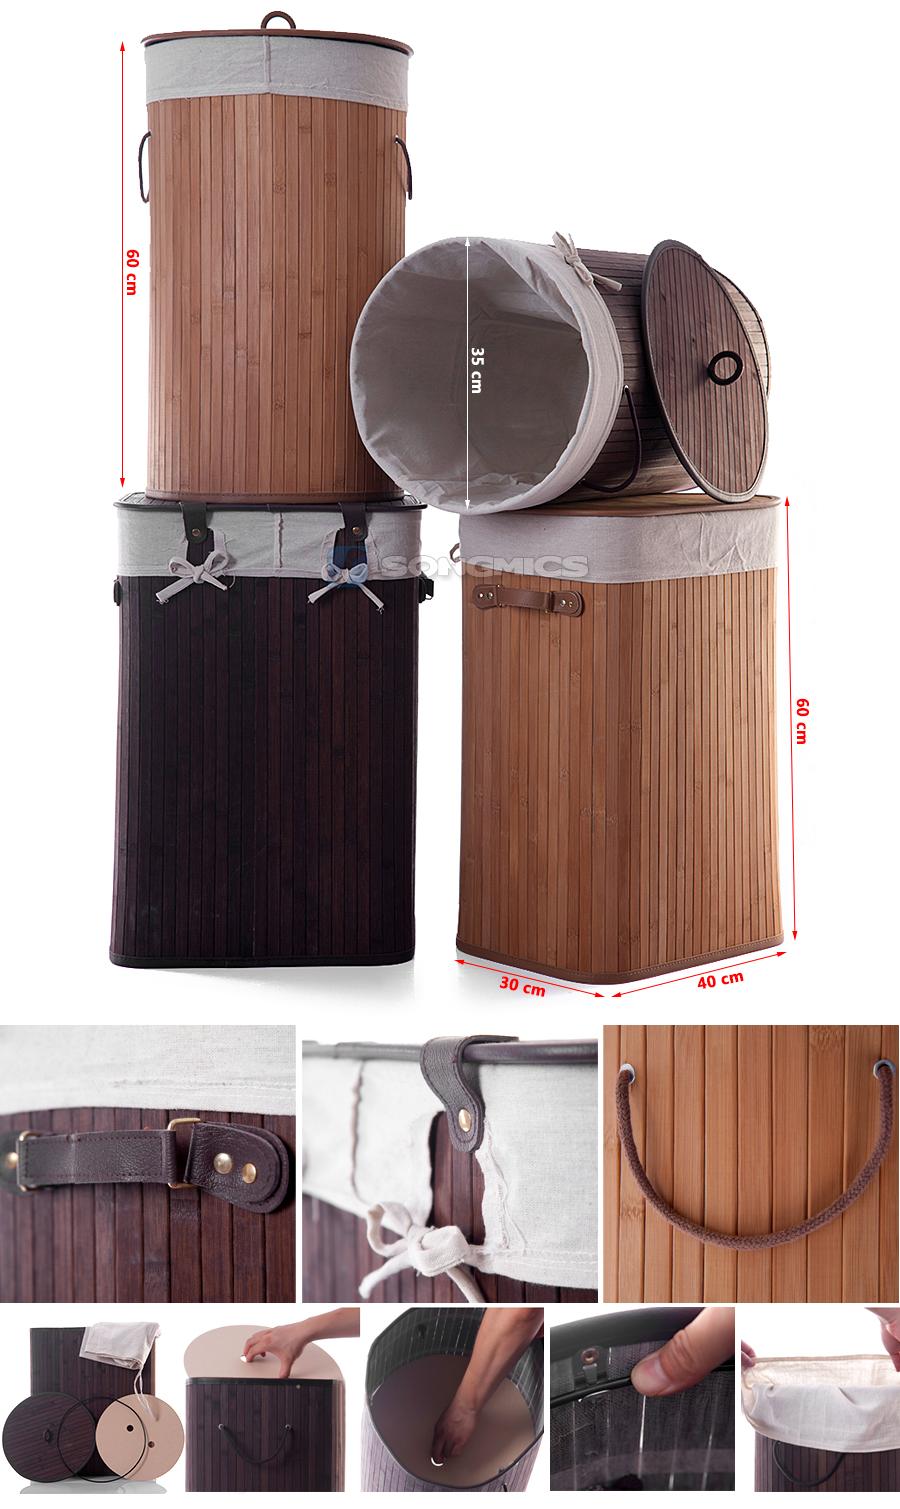 songmics bambus w schekorb w schebox w schetruhe w schesammler eckig rund ebay. Black Bedroom Furniture Sets. Home Design Ideas